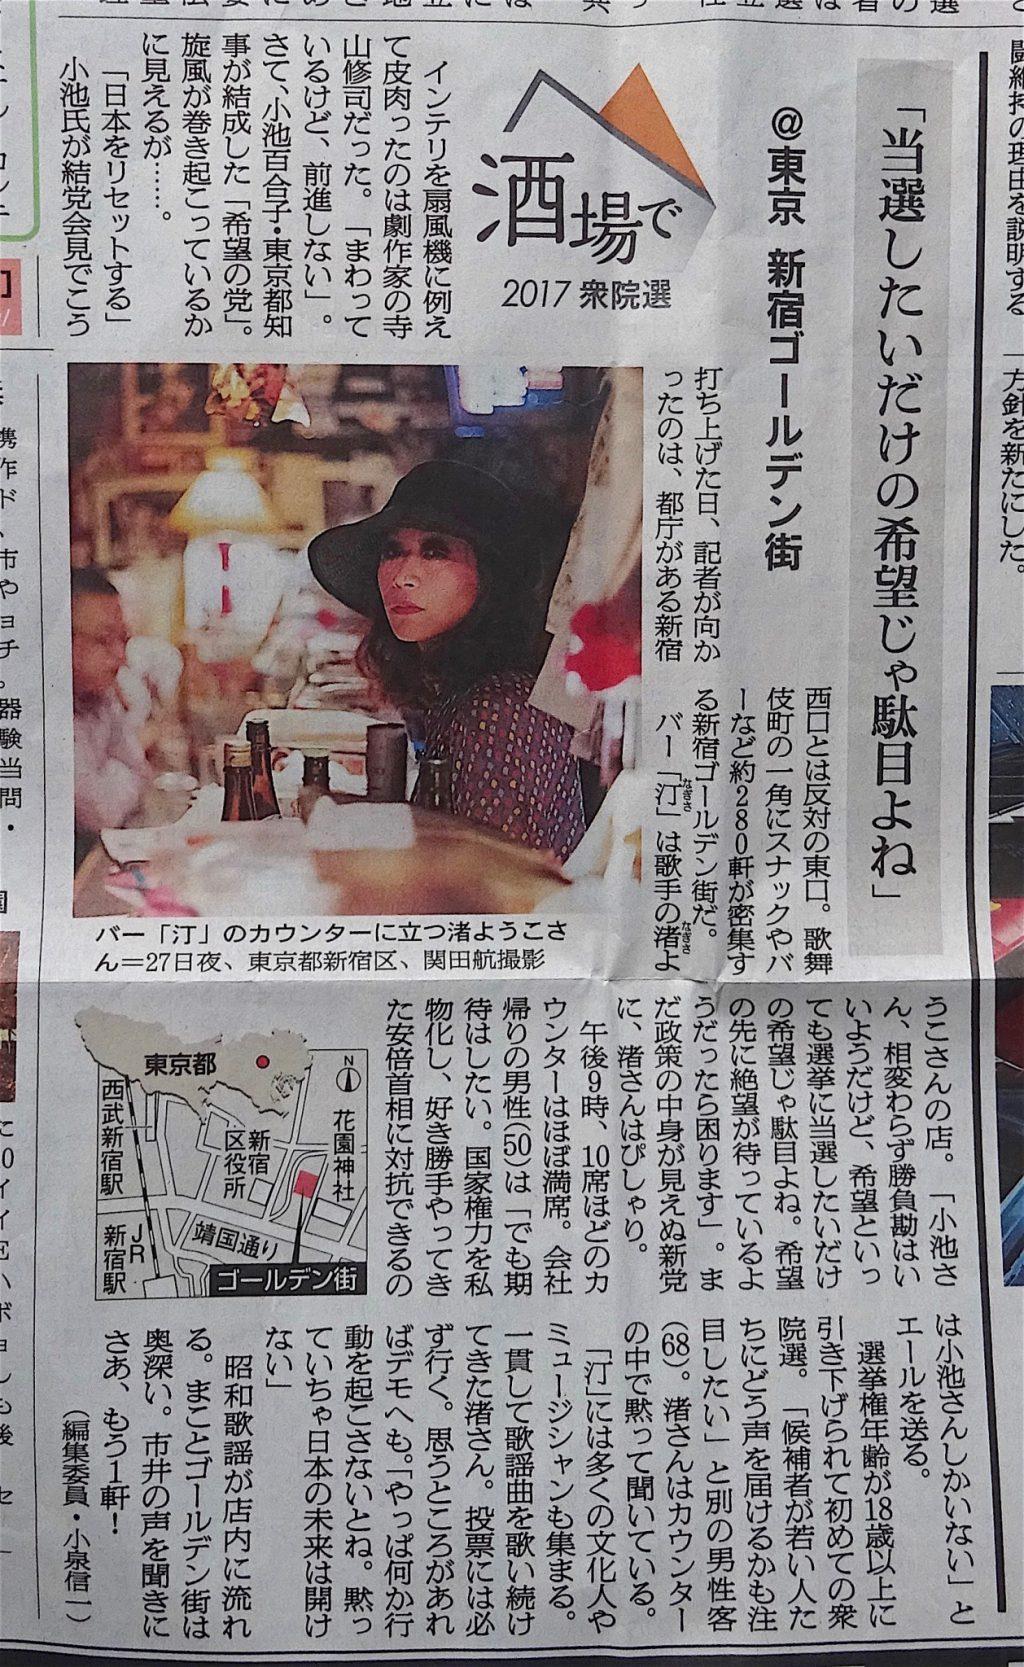 渚ようこ NAGISA Yoko 朝日新聞 2017年10月2日